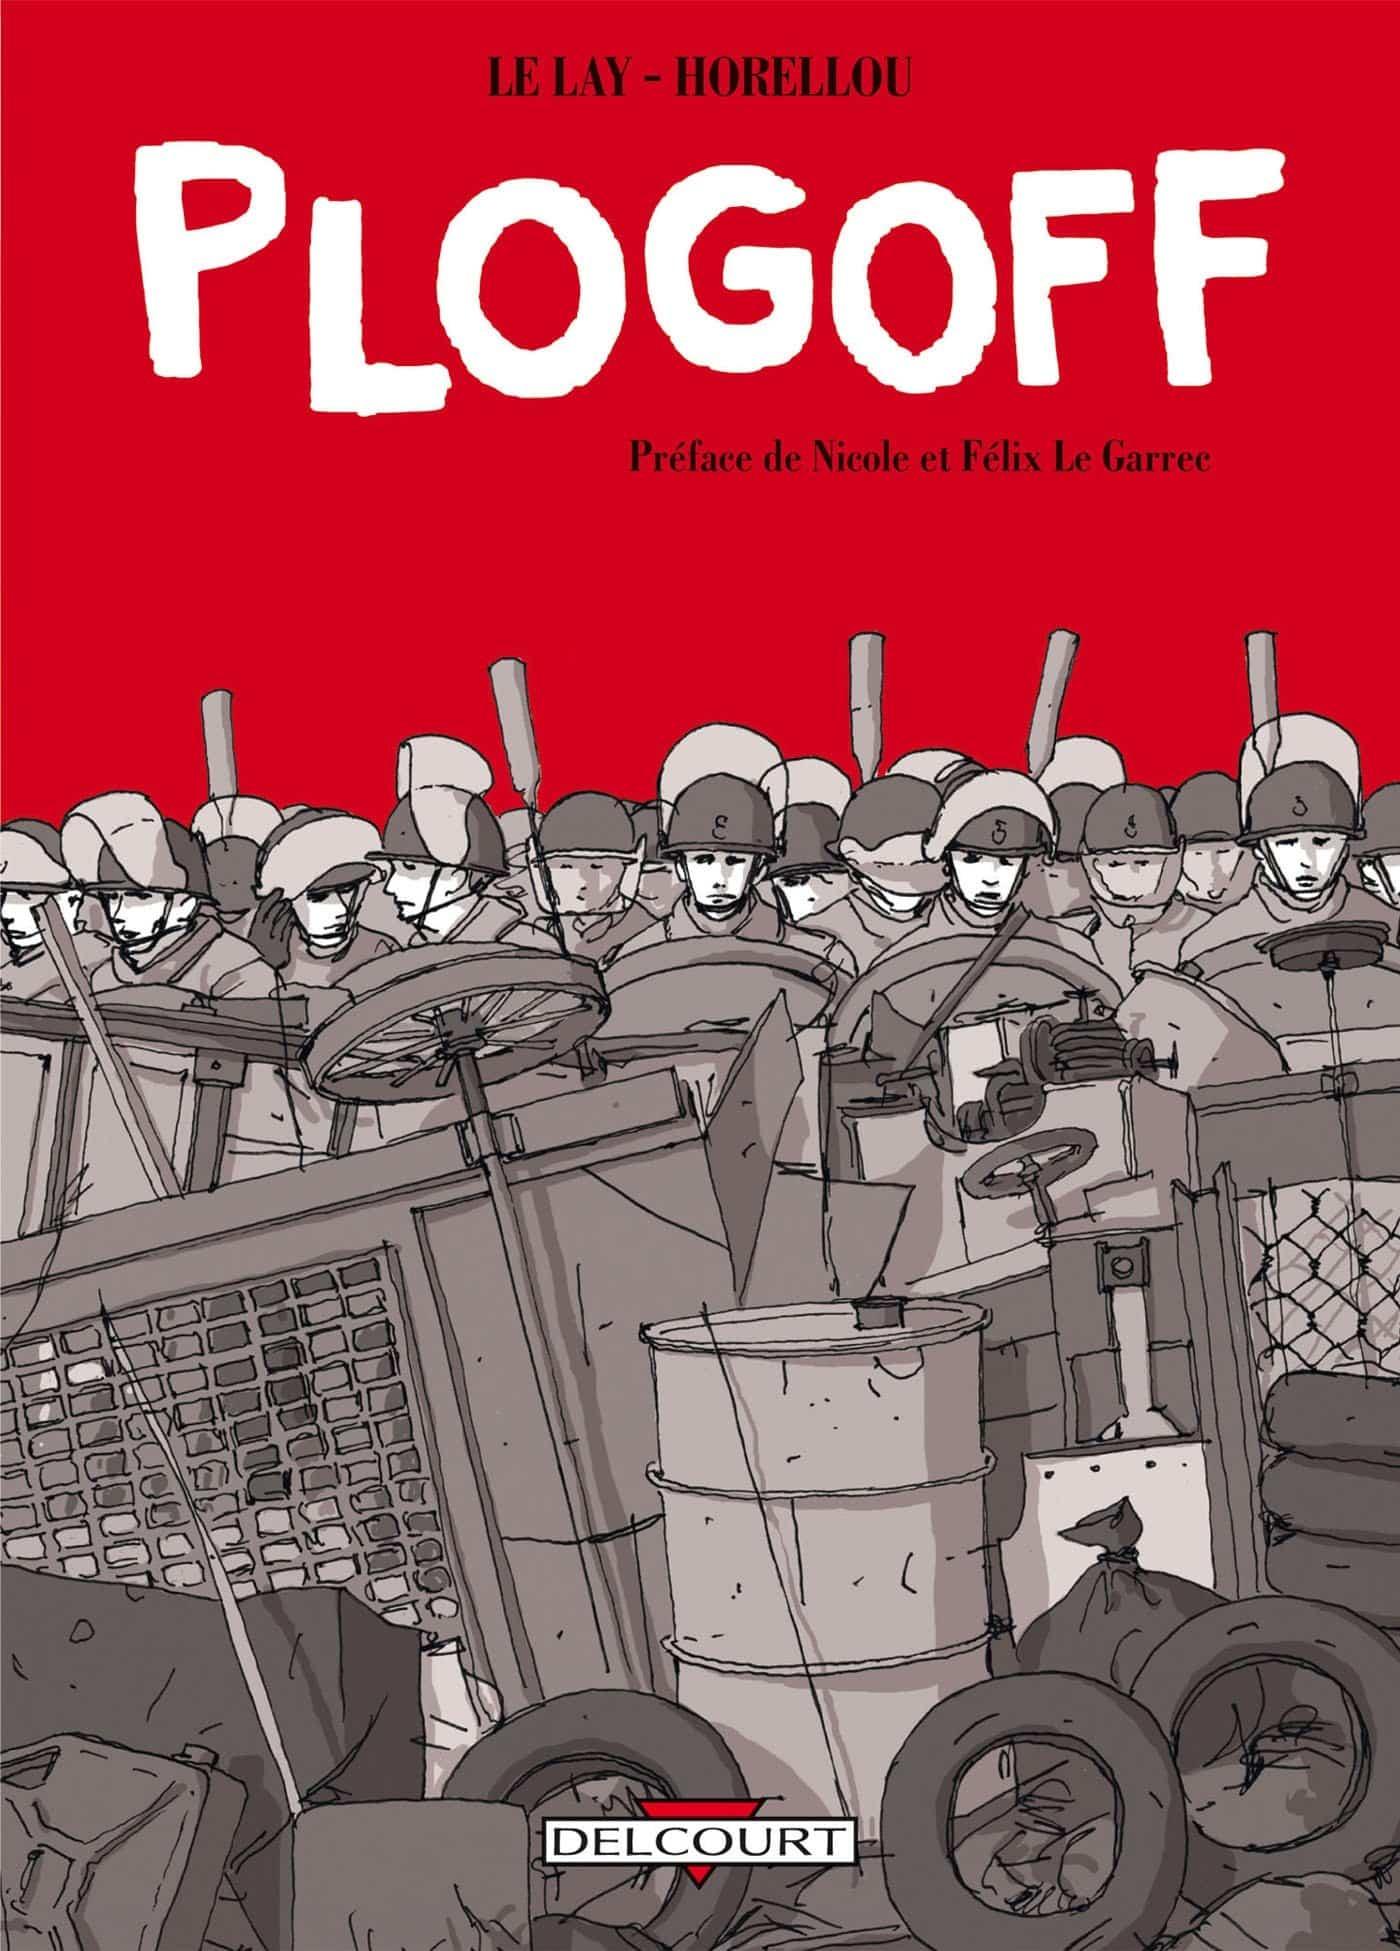 Prix Le Parisien-Aujourd'hui en France : Plogoff chez Delcourt sélectionné pour mars